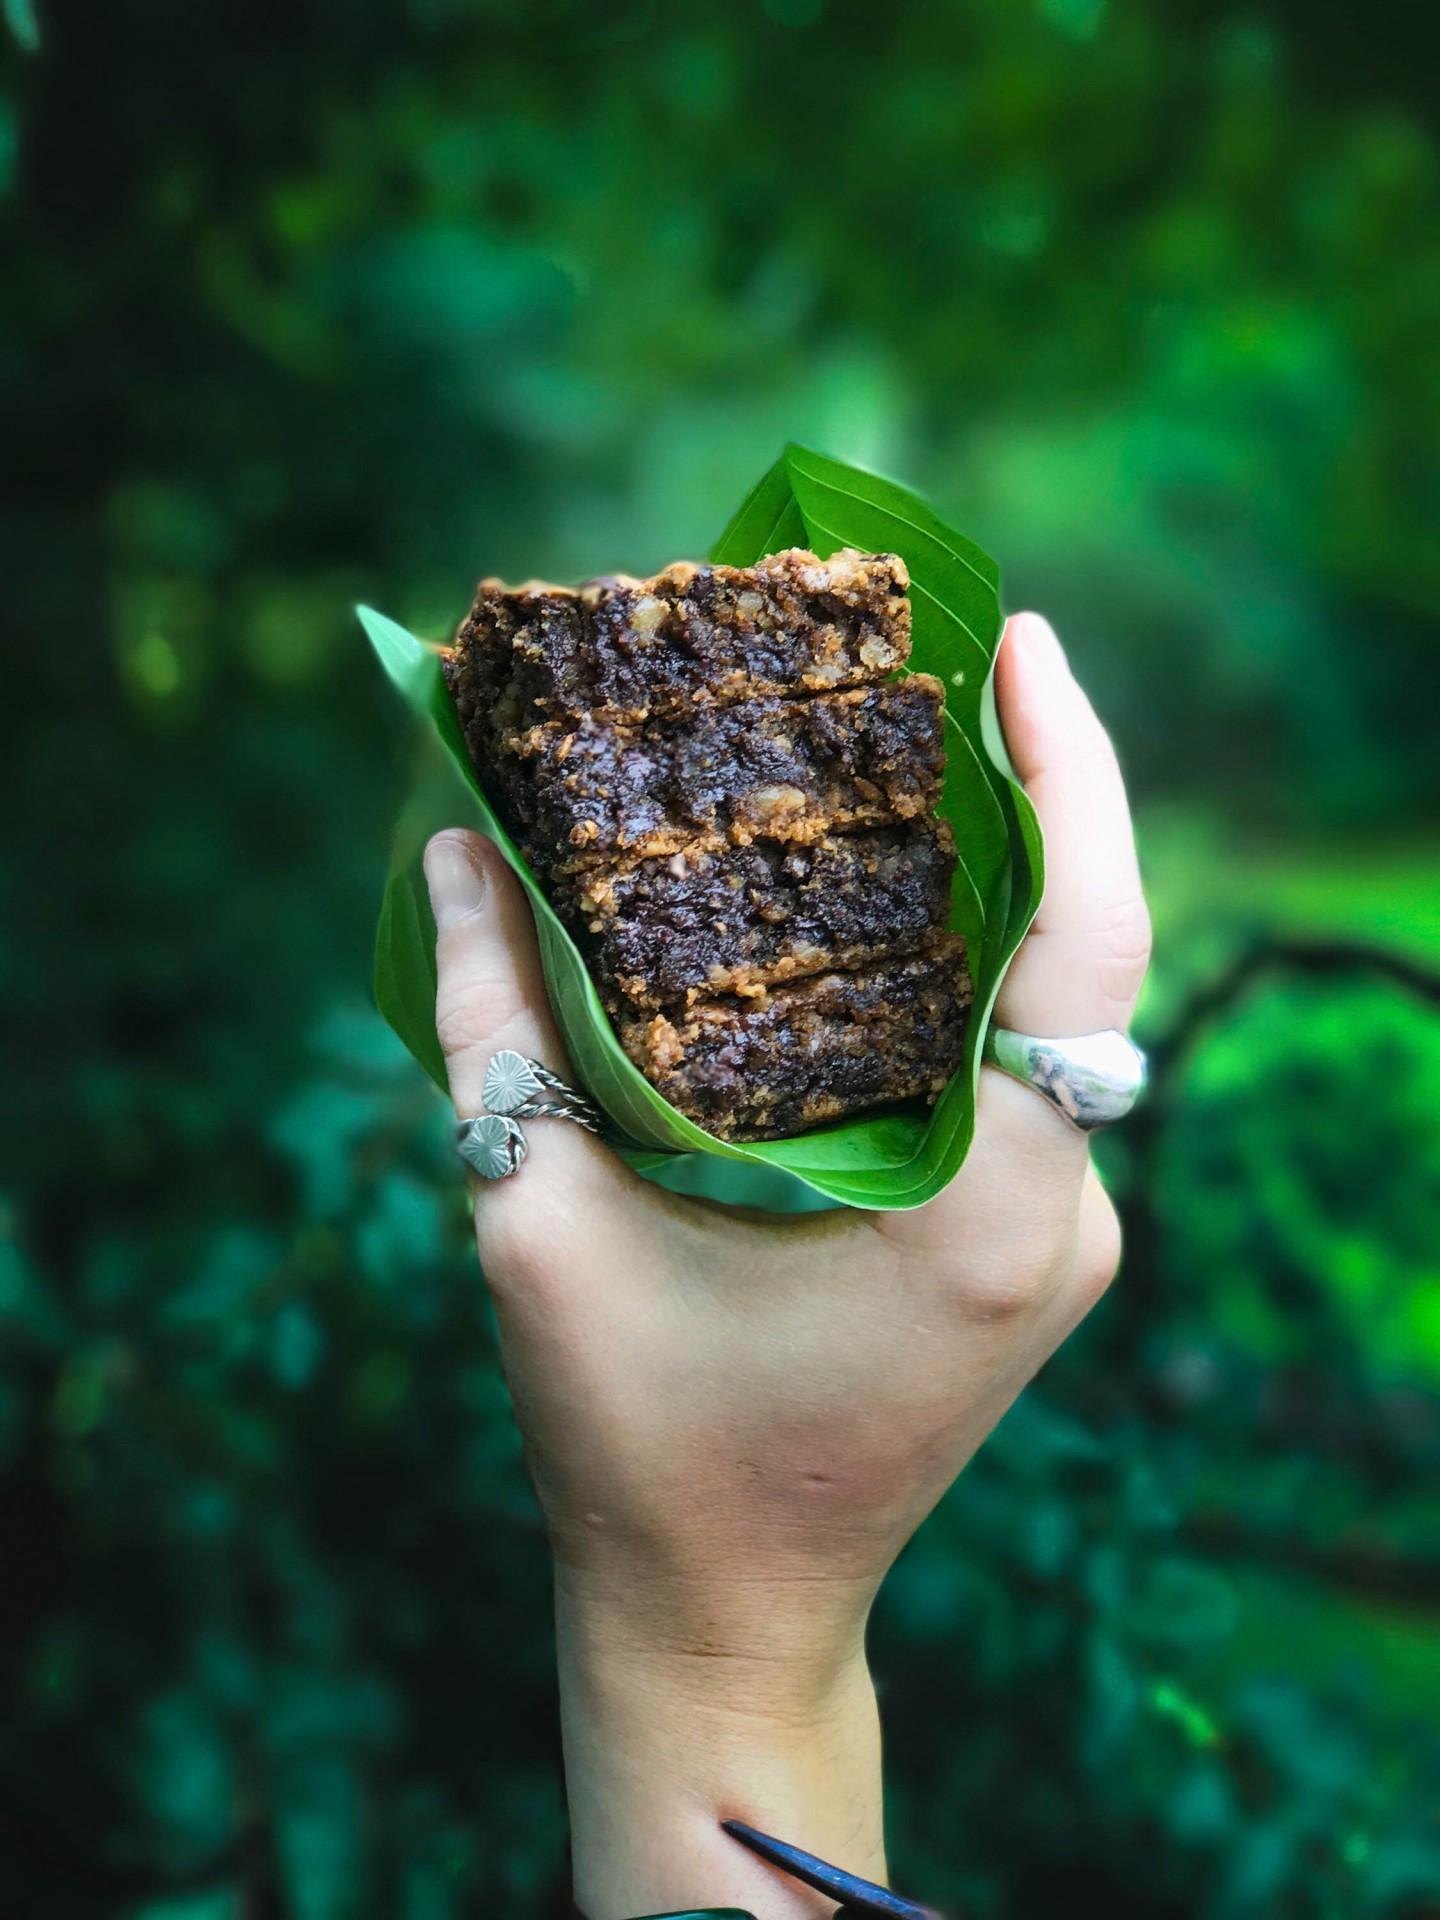 Vegan Bio Spirit Fuel are Plants.